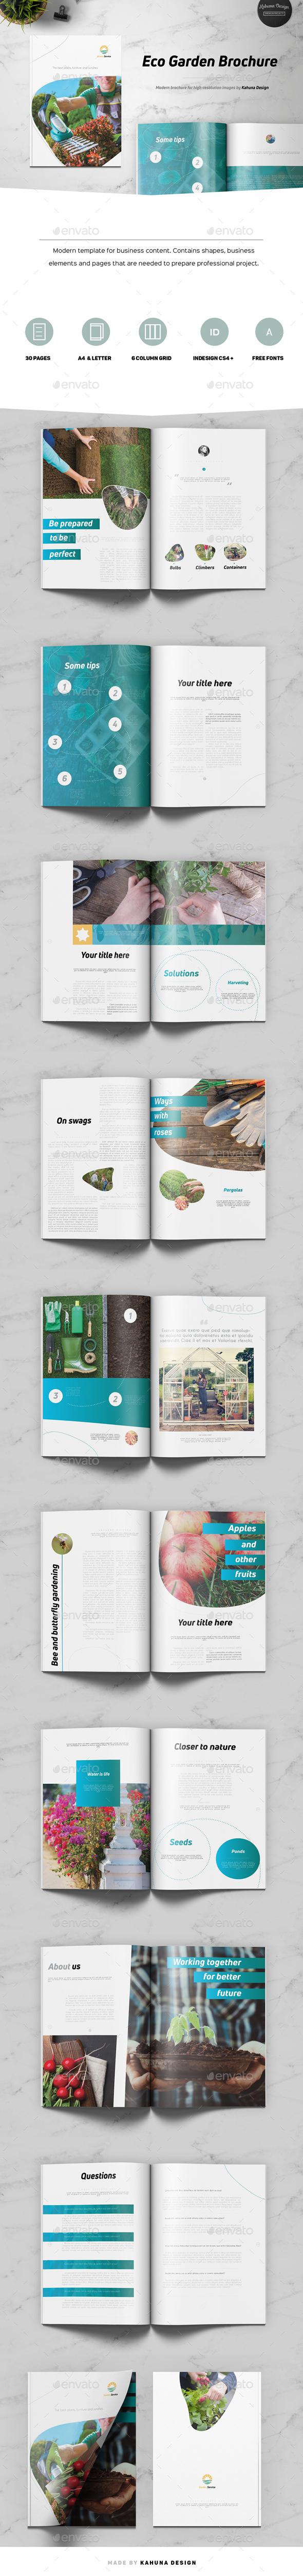 Eco Garden Brochure - Informational Brochures